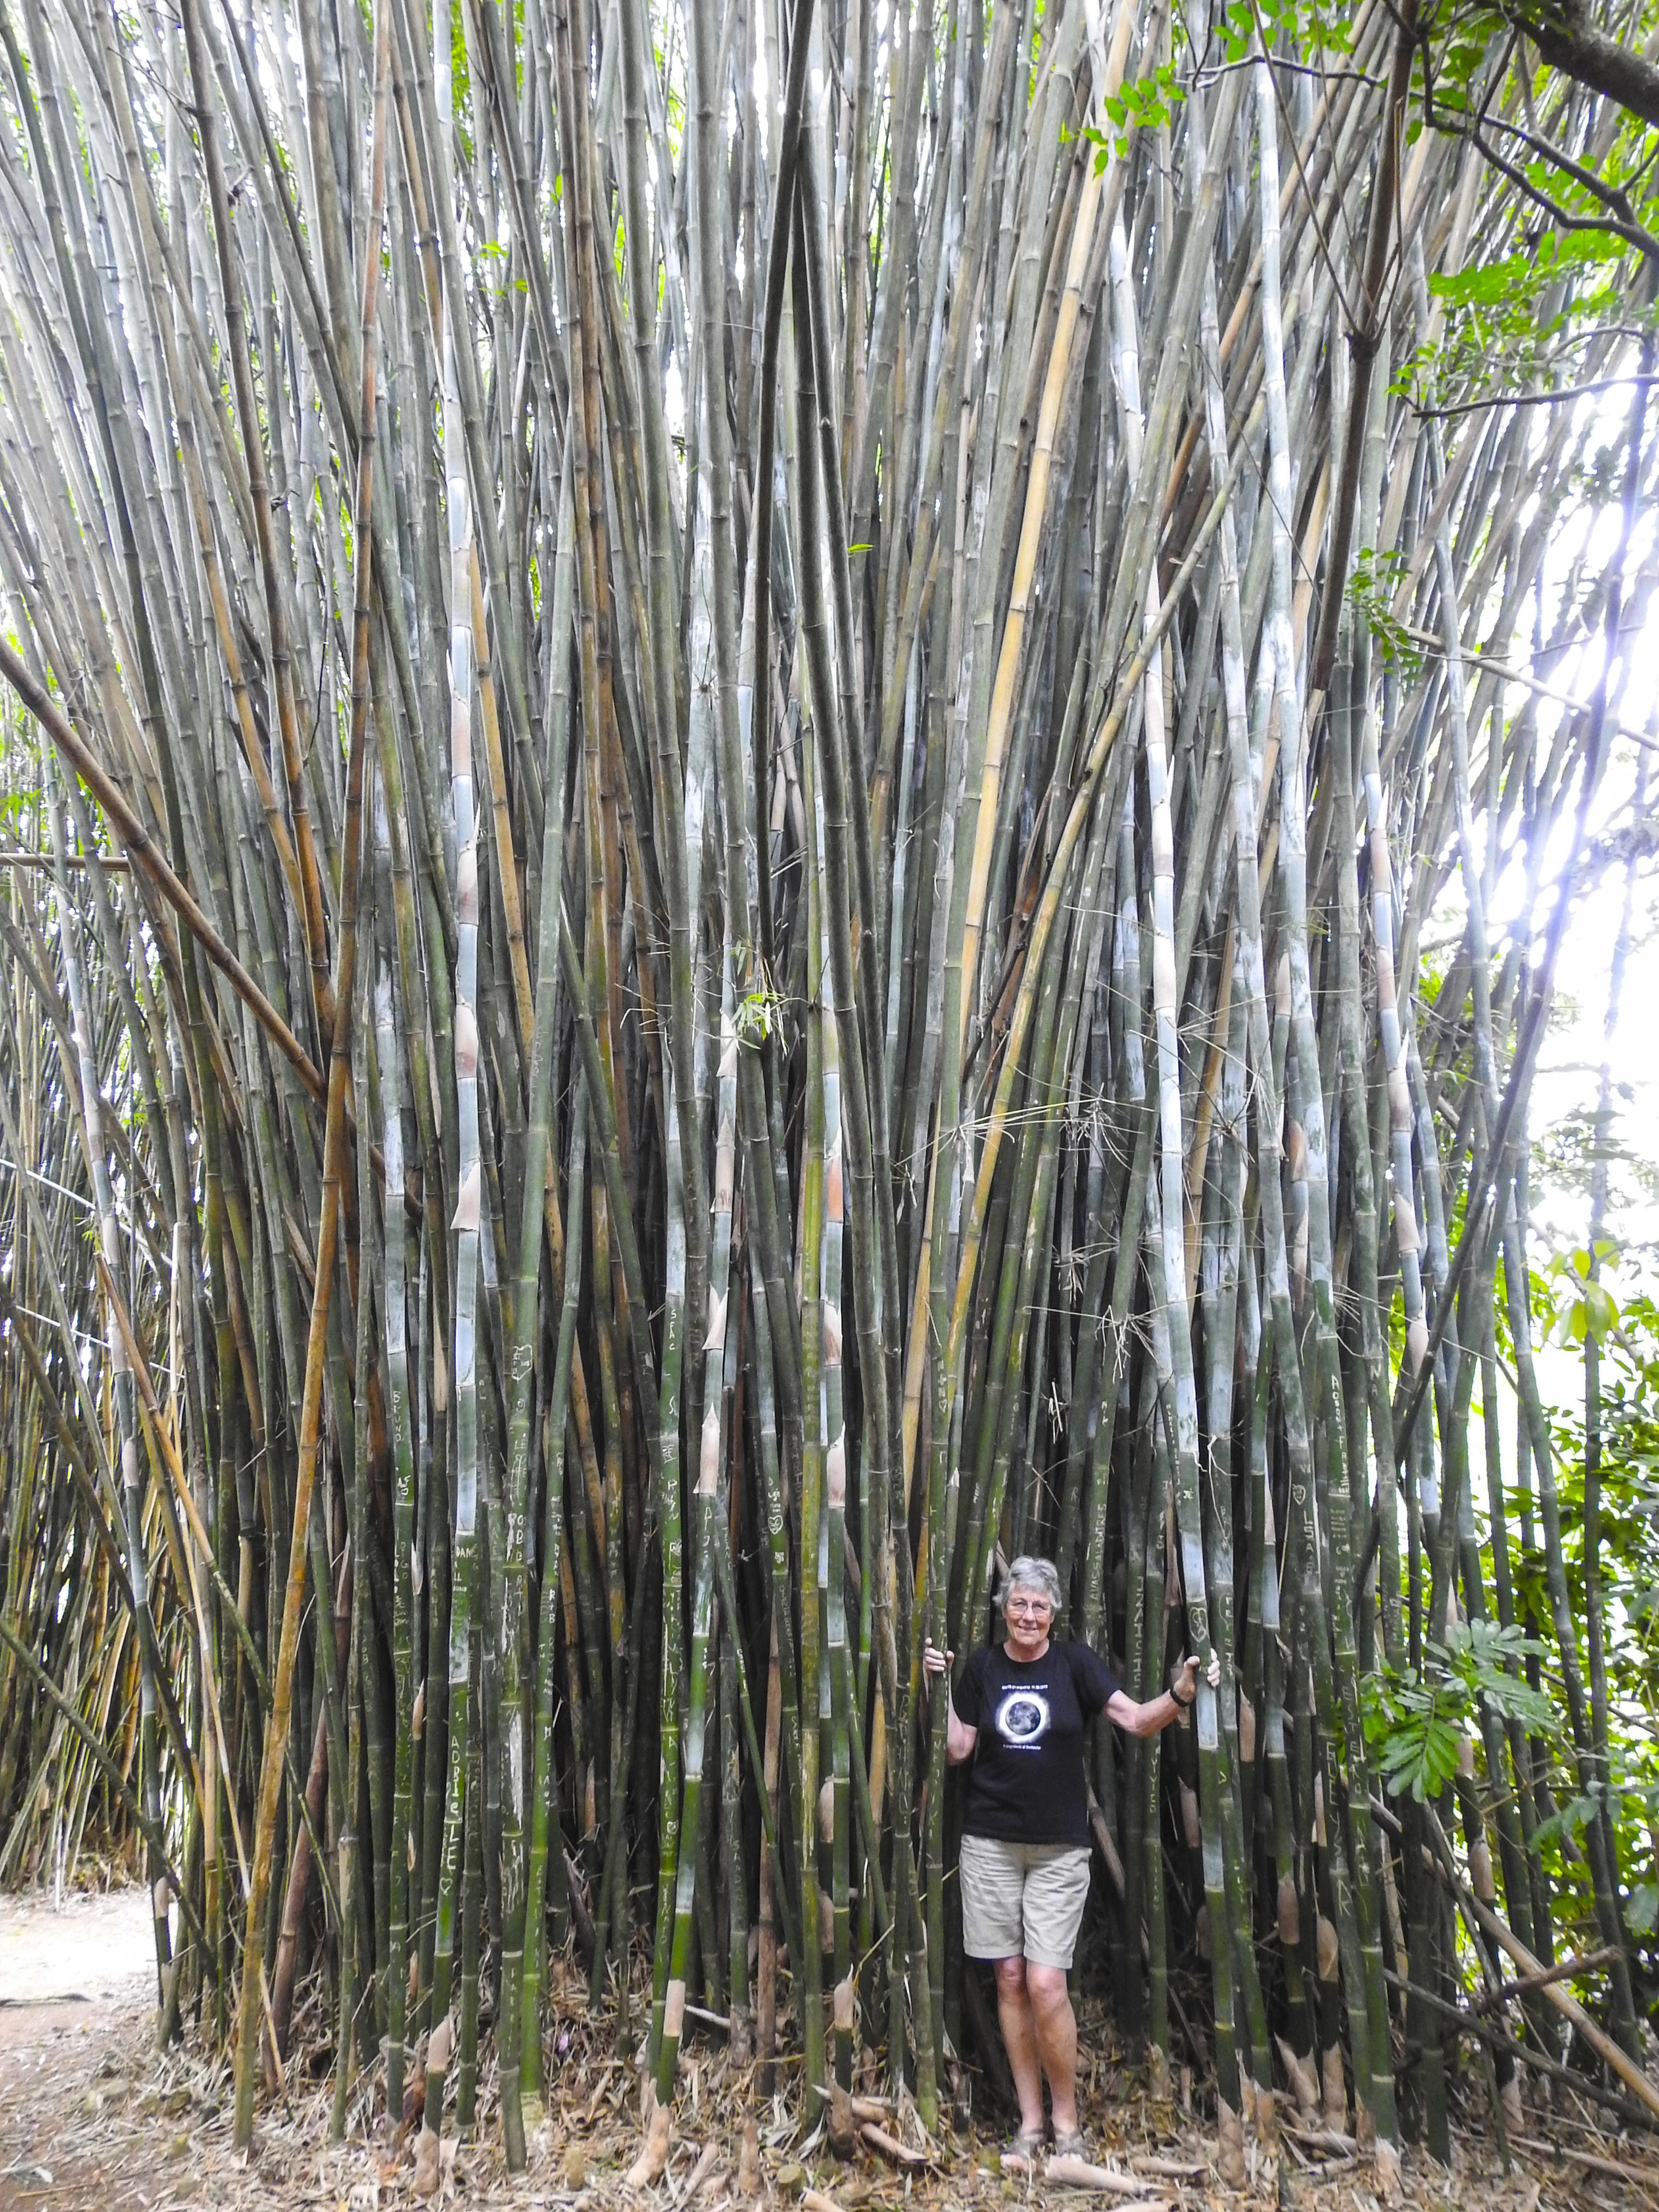 18-helle-i-bambus